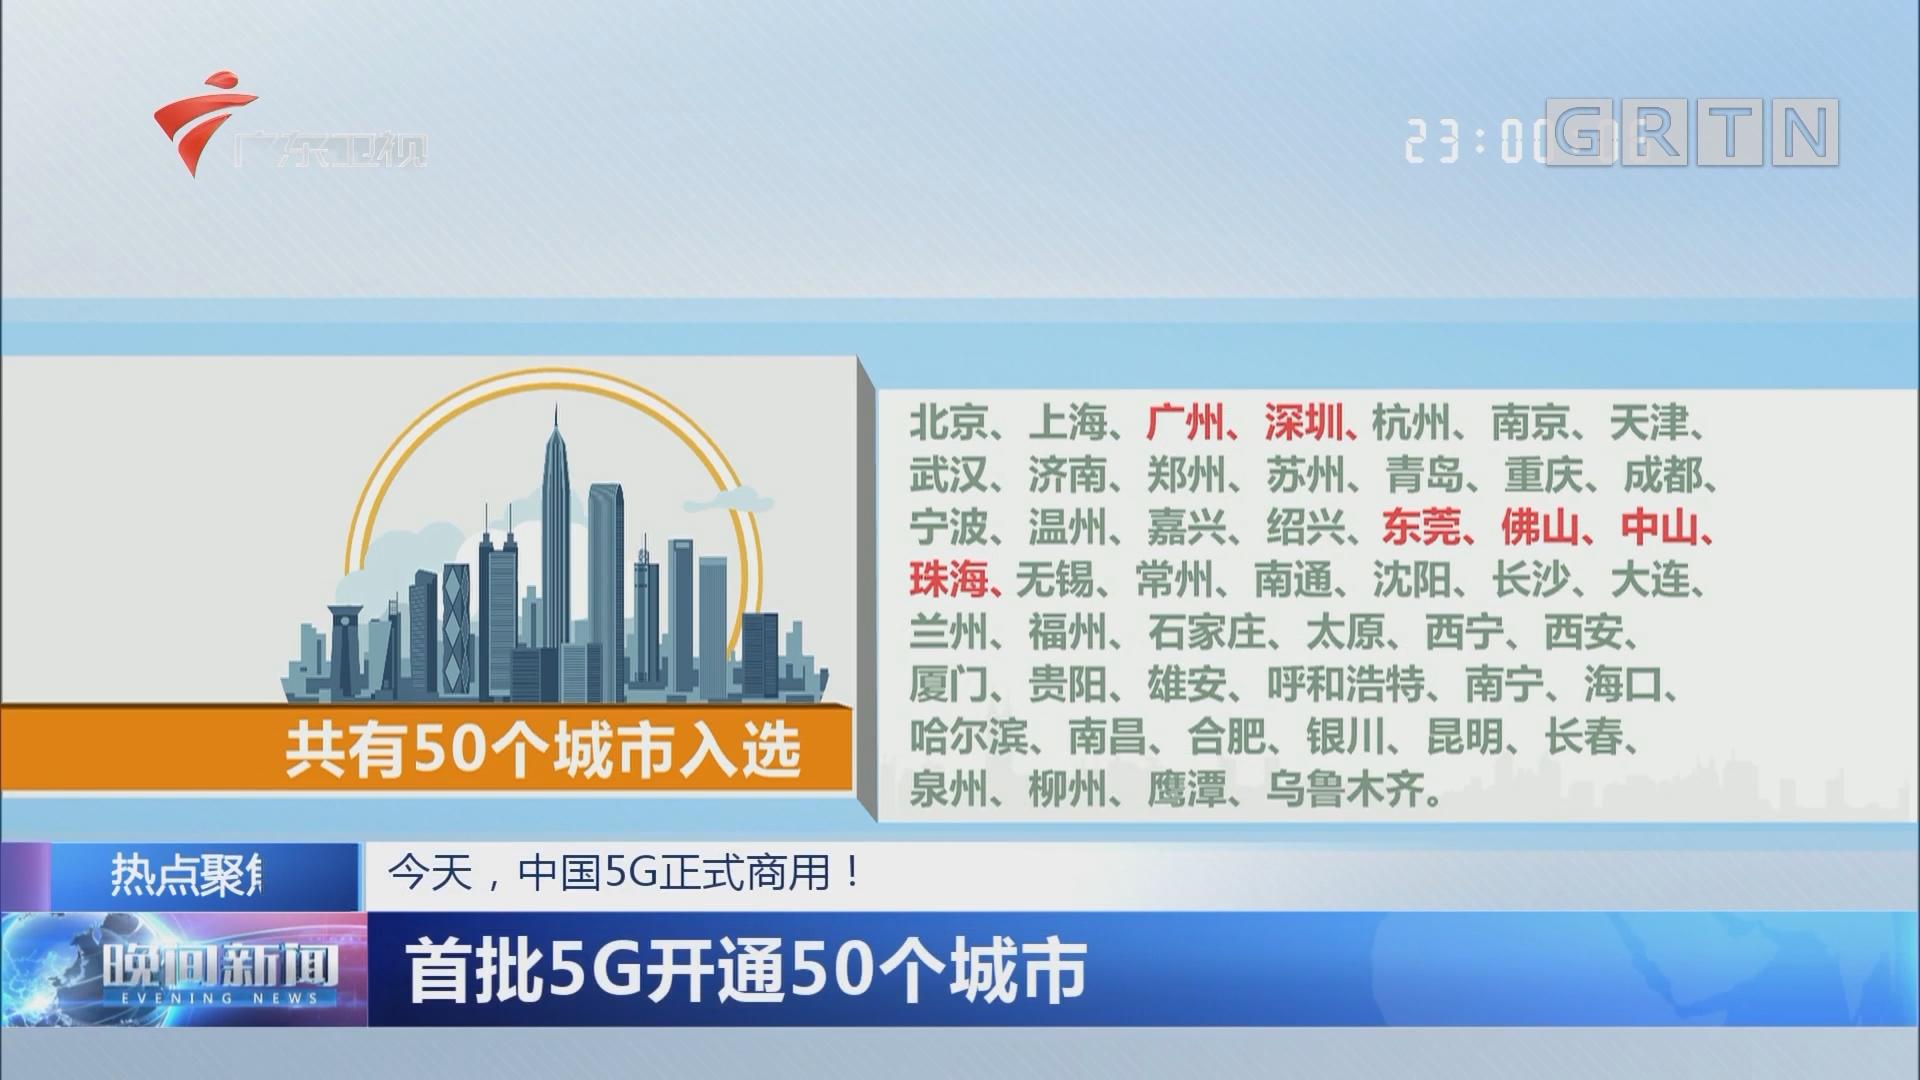 今天,中国5G正式商用!首批5G开通50个城市